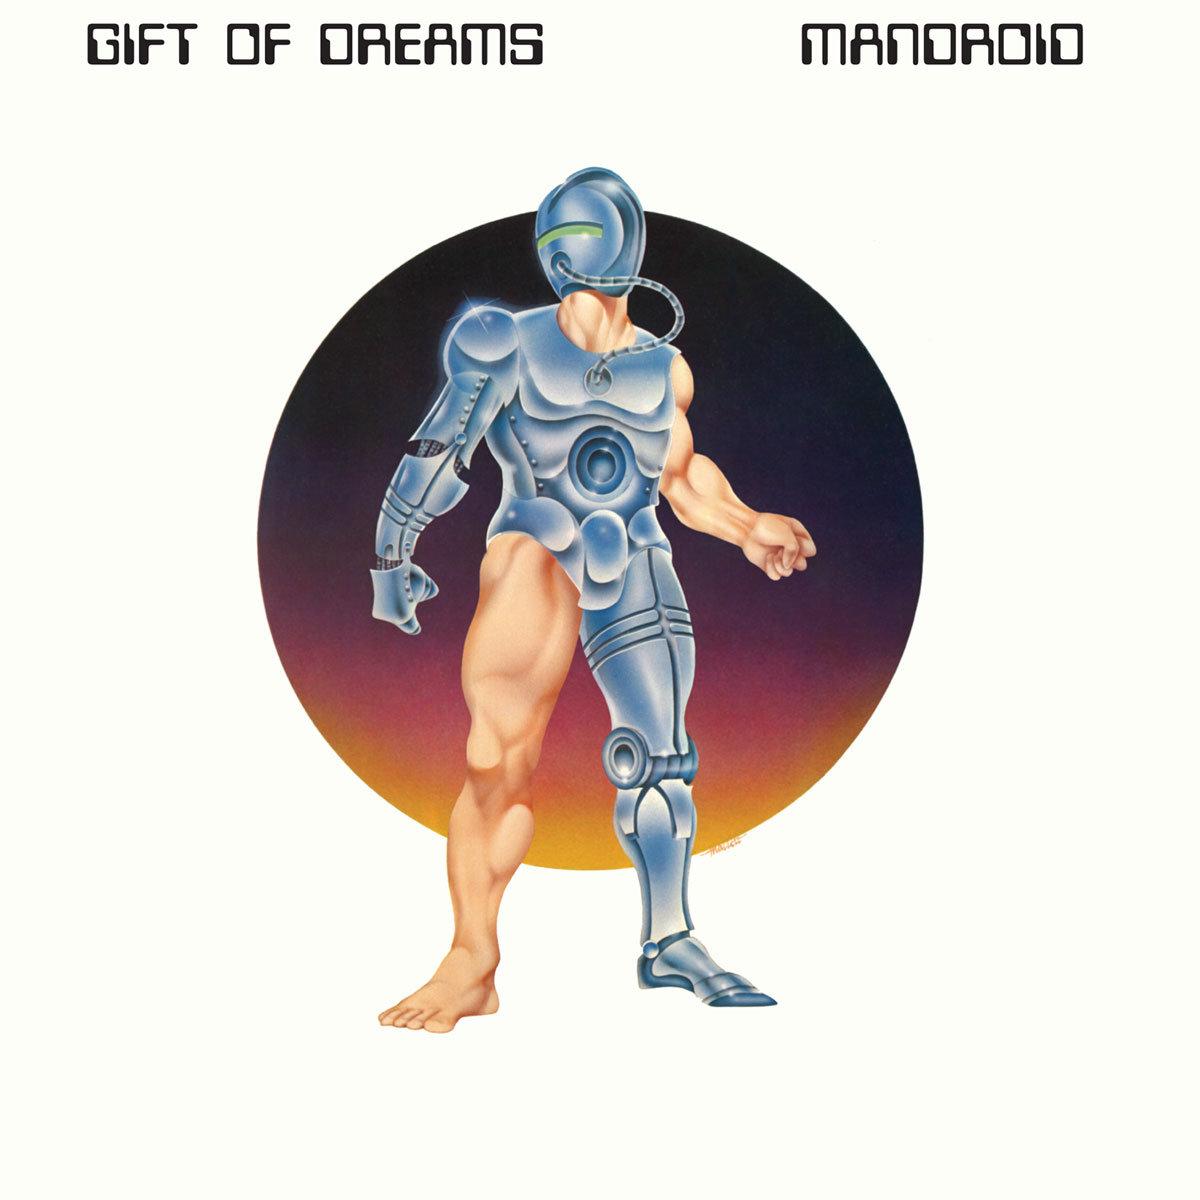 hero 1983 mp3 download